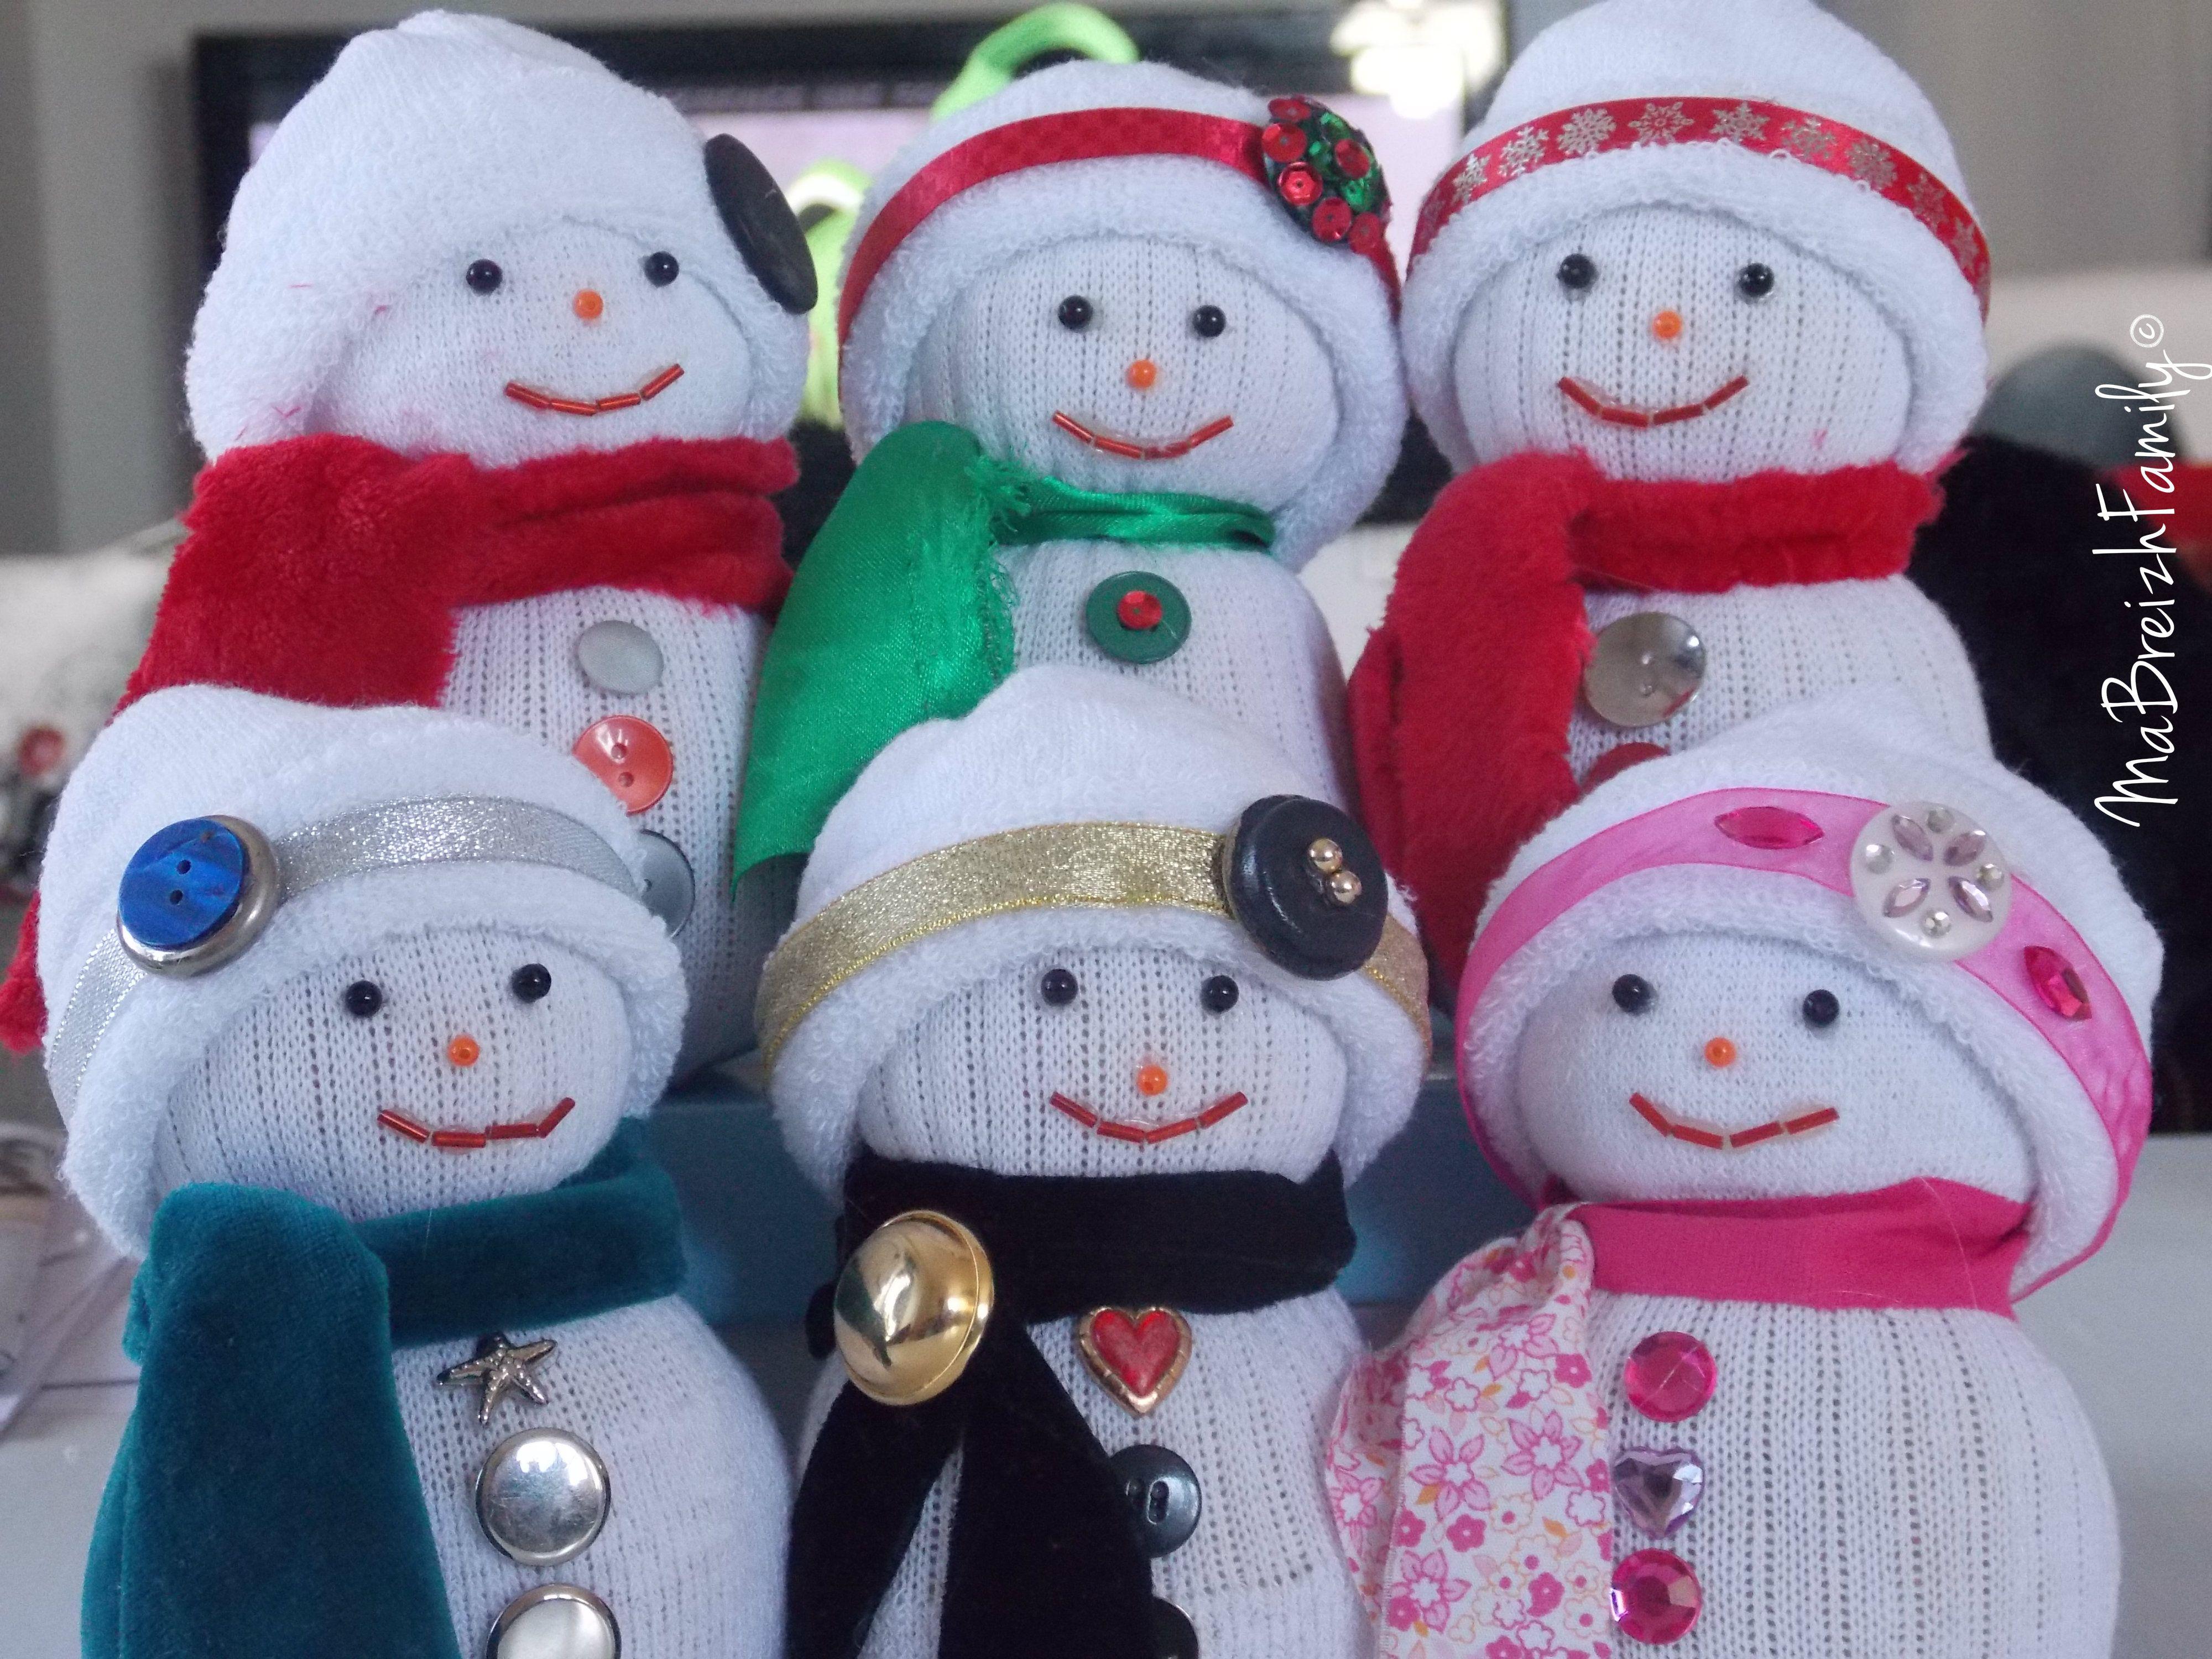 aujourd 39 hui un tuto de no l avec un bonhomme de neige r aliser avec des chaussettes tricot. Black Bedroom Furniture Sets. Home Design Ideas